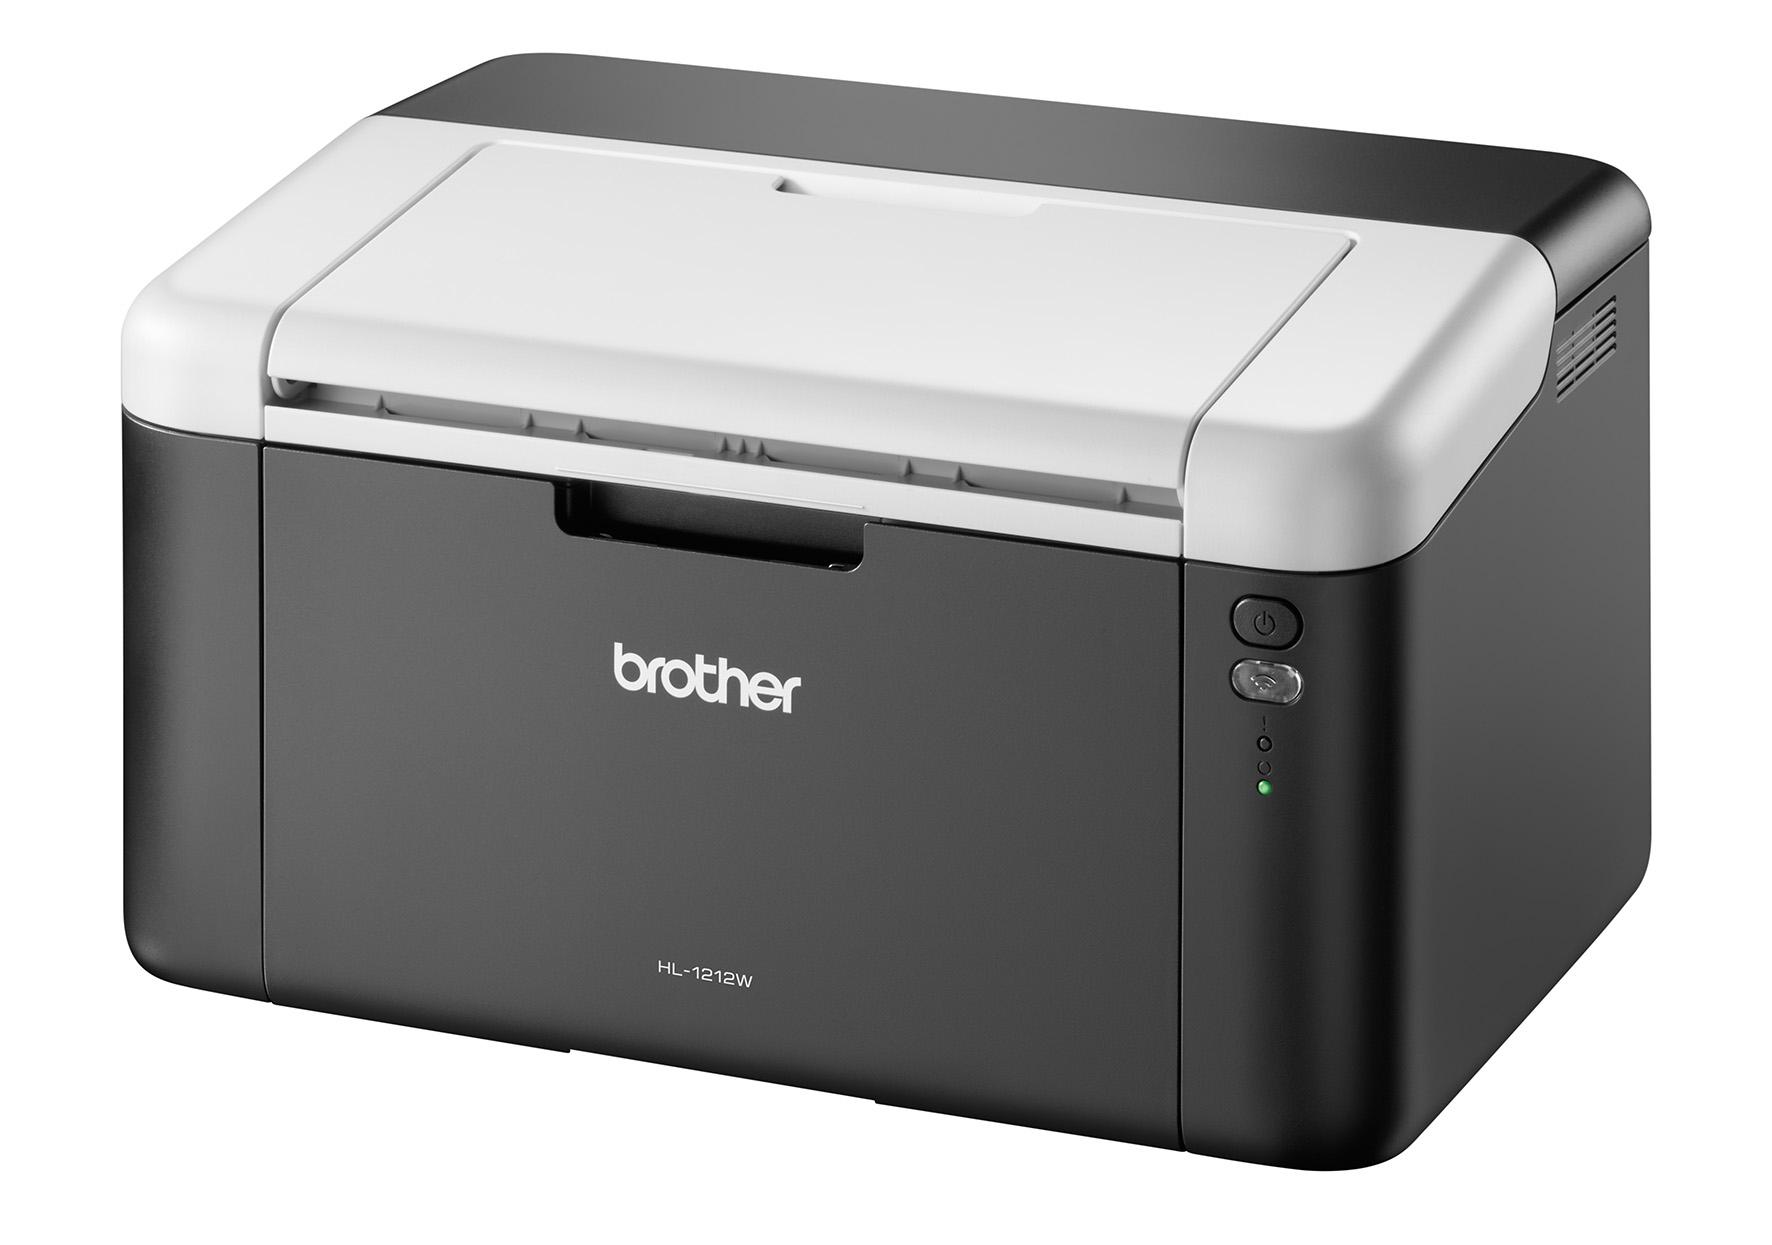 imprimante laser noir et blanc brother hl 1212w. Black Bedroom Furniture Sets. Home Design Ideas